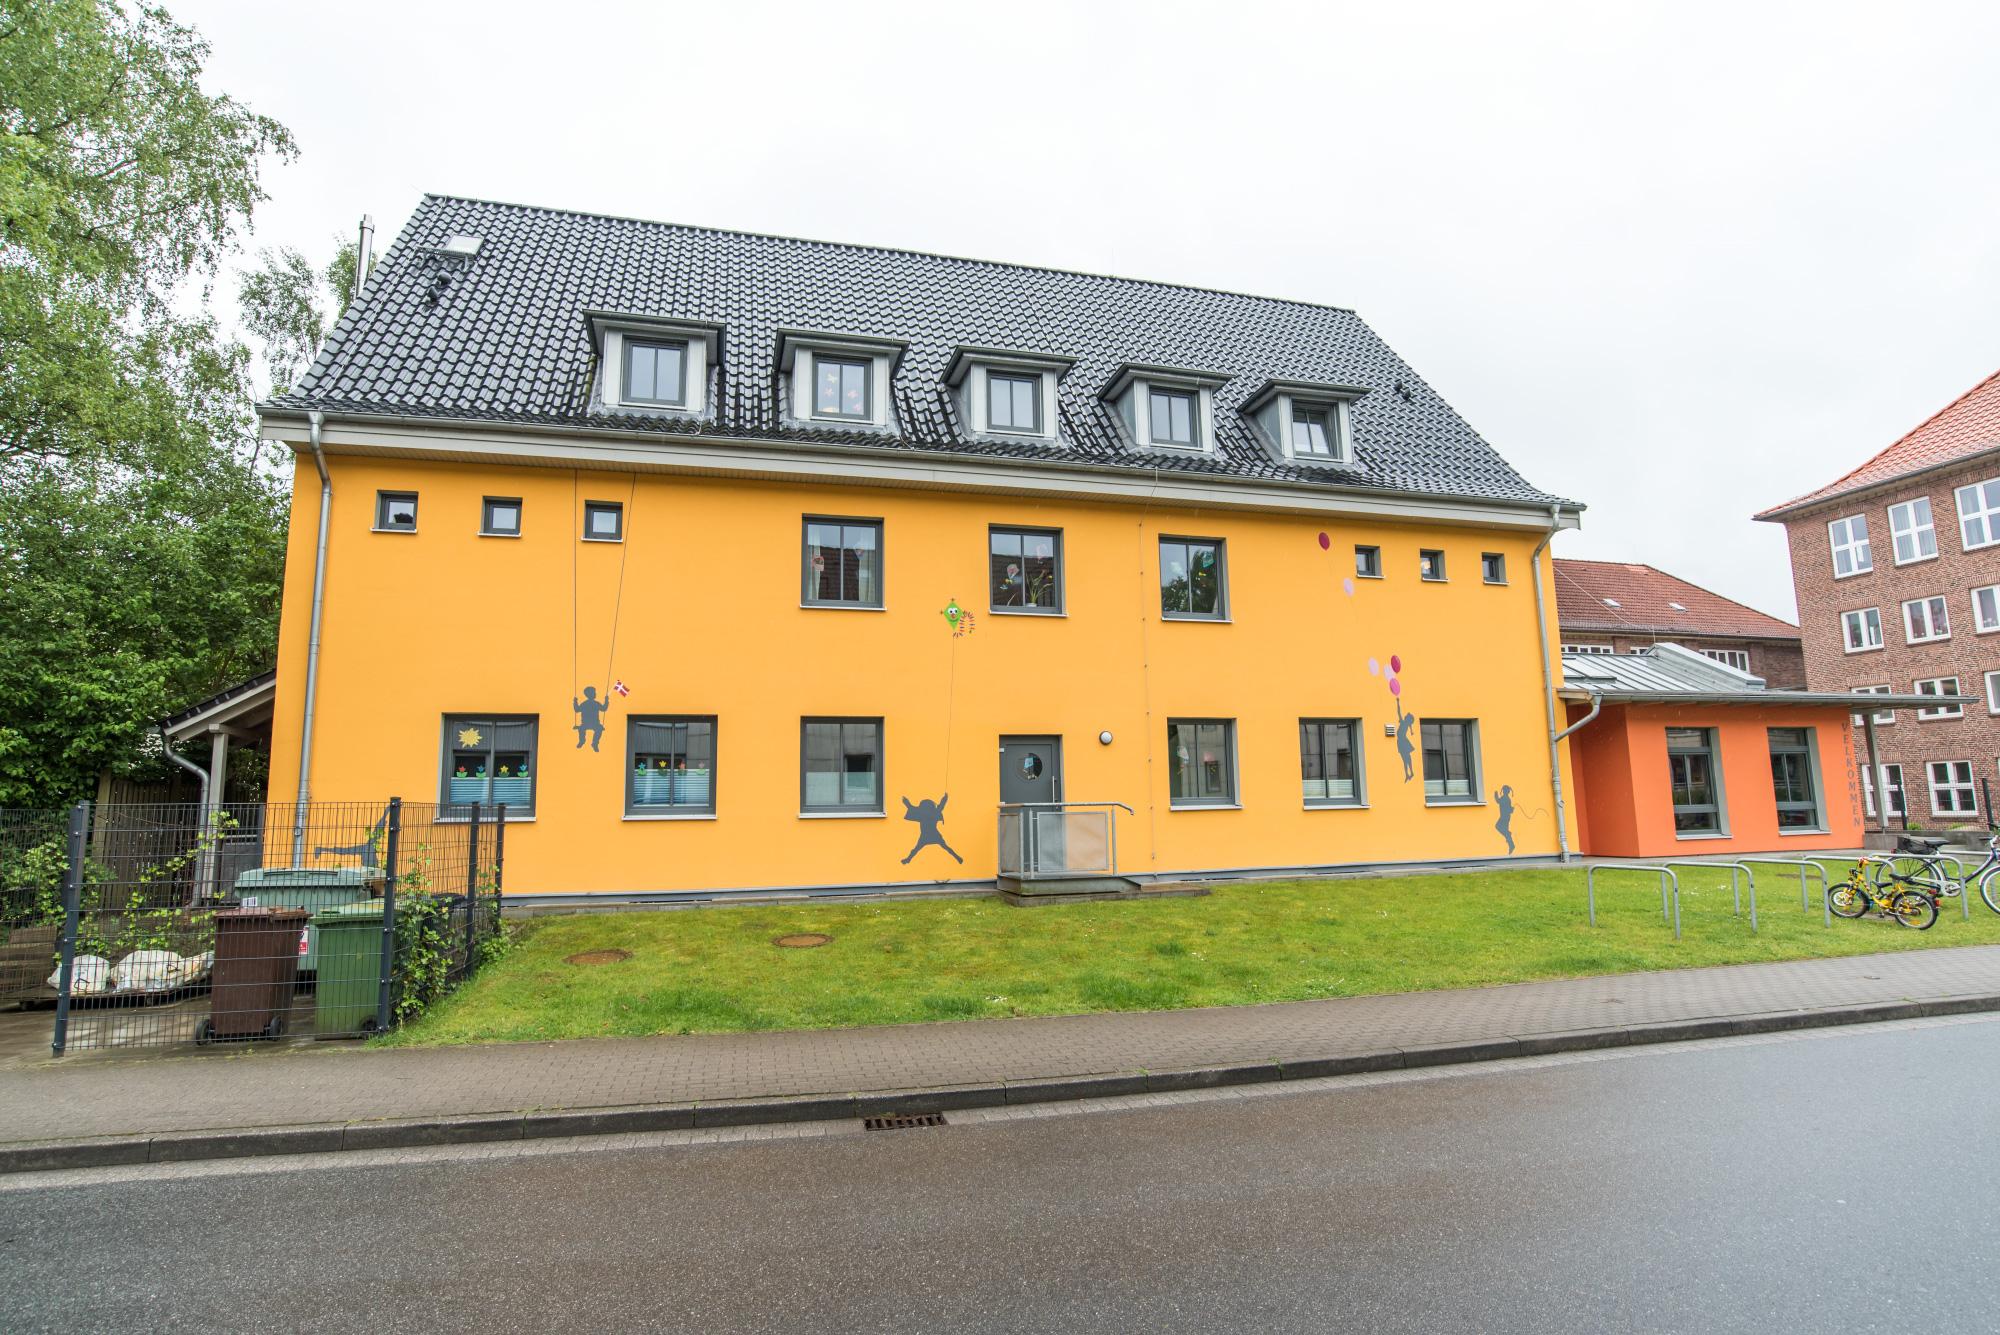 Kunst am Bau Fassade